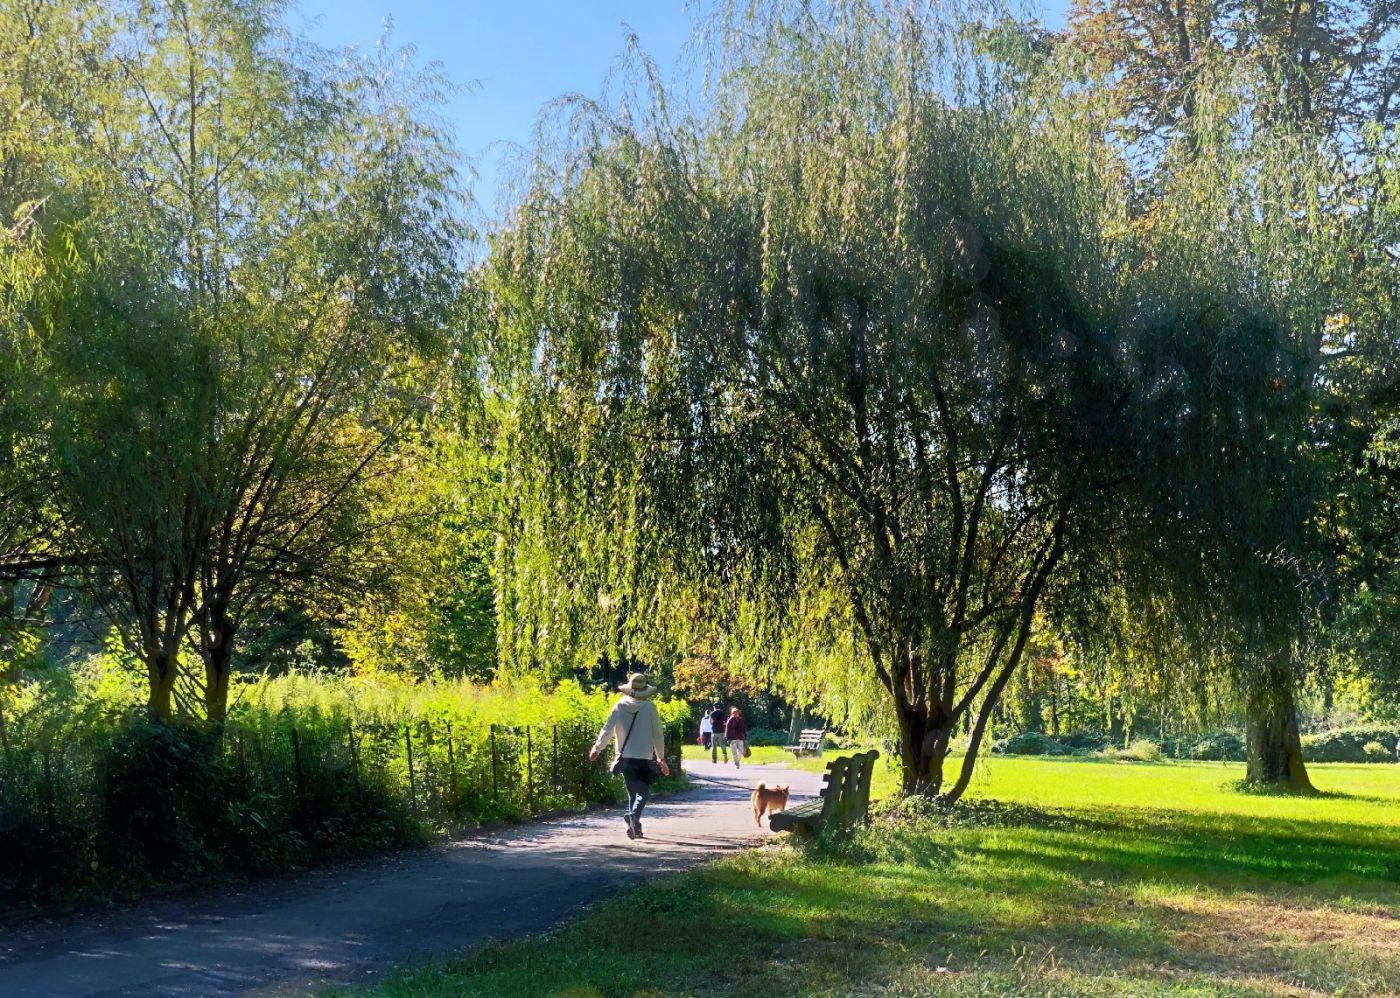 【田螺随拍】凯辛娜公园点点秋色_图1-22